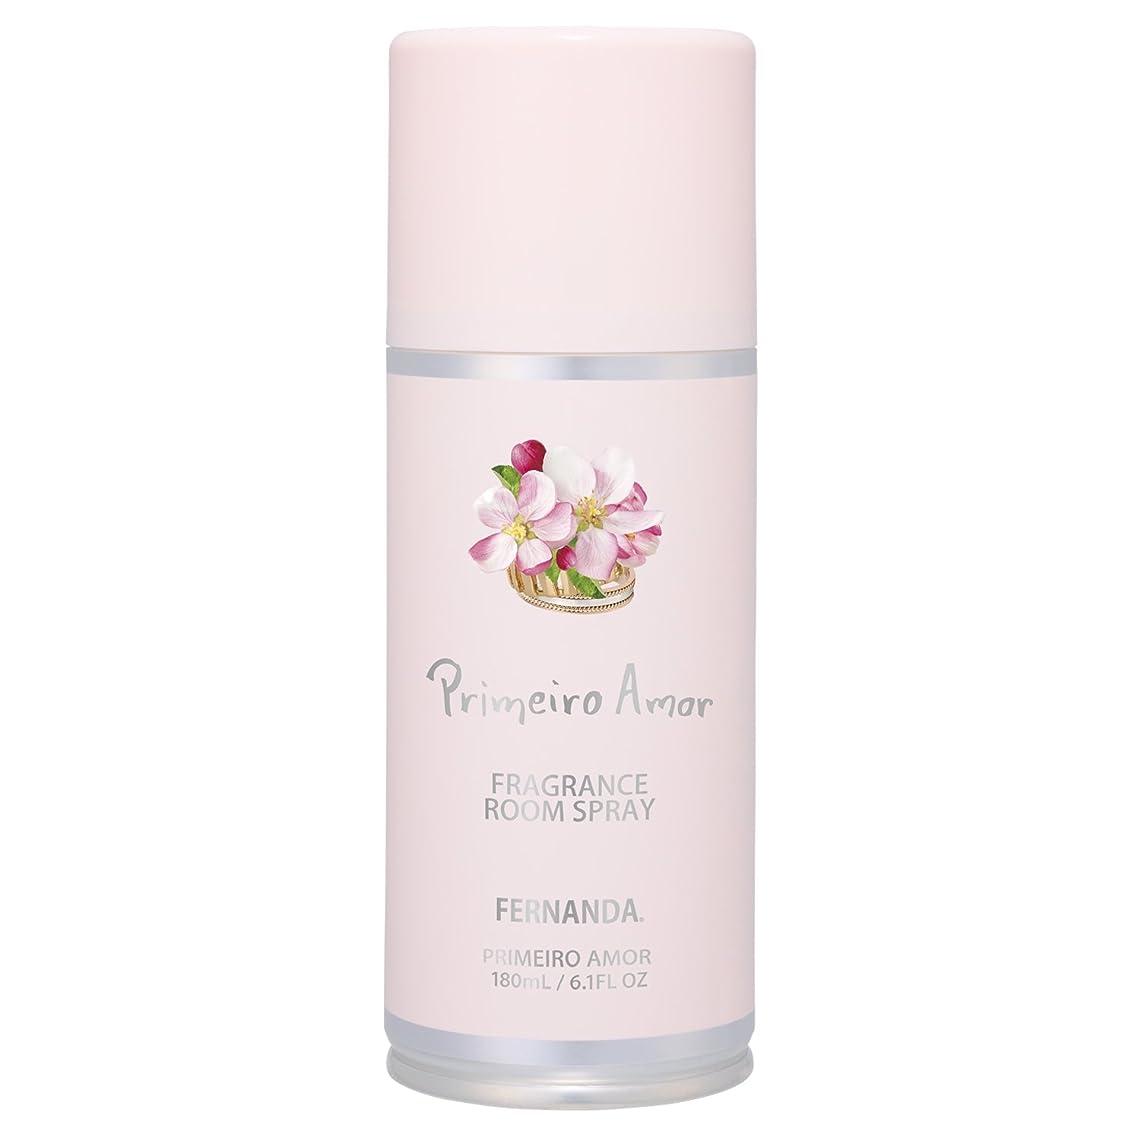 はず位置づけるヒギンズFERNANDA(フェルナンダ) Room Spray Primeiro Amor(ルームスプレー プリメイロアモール)